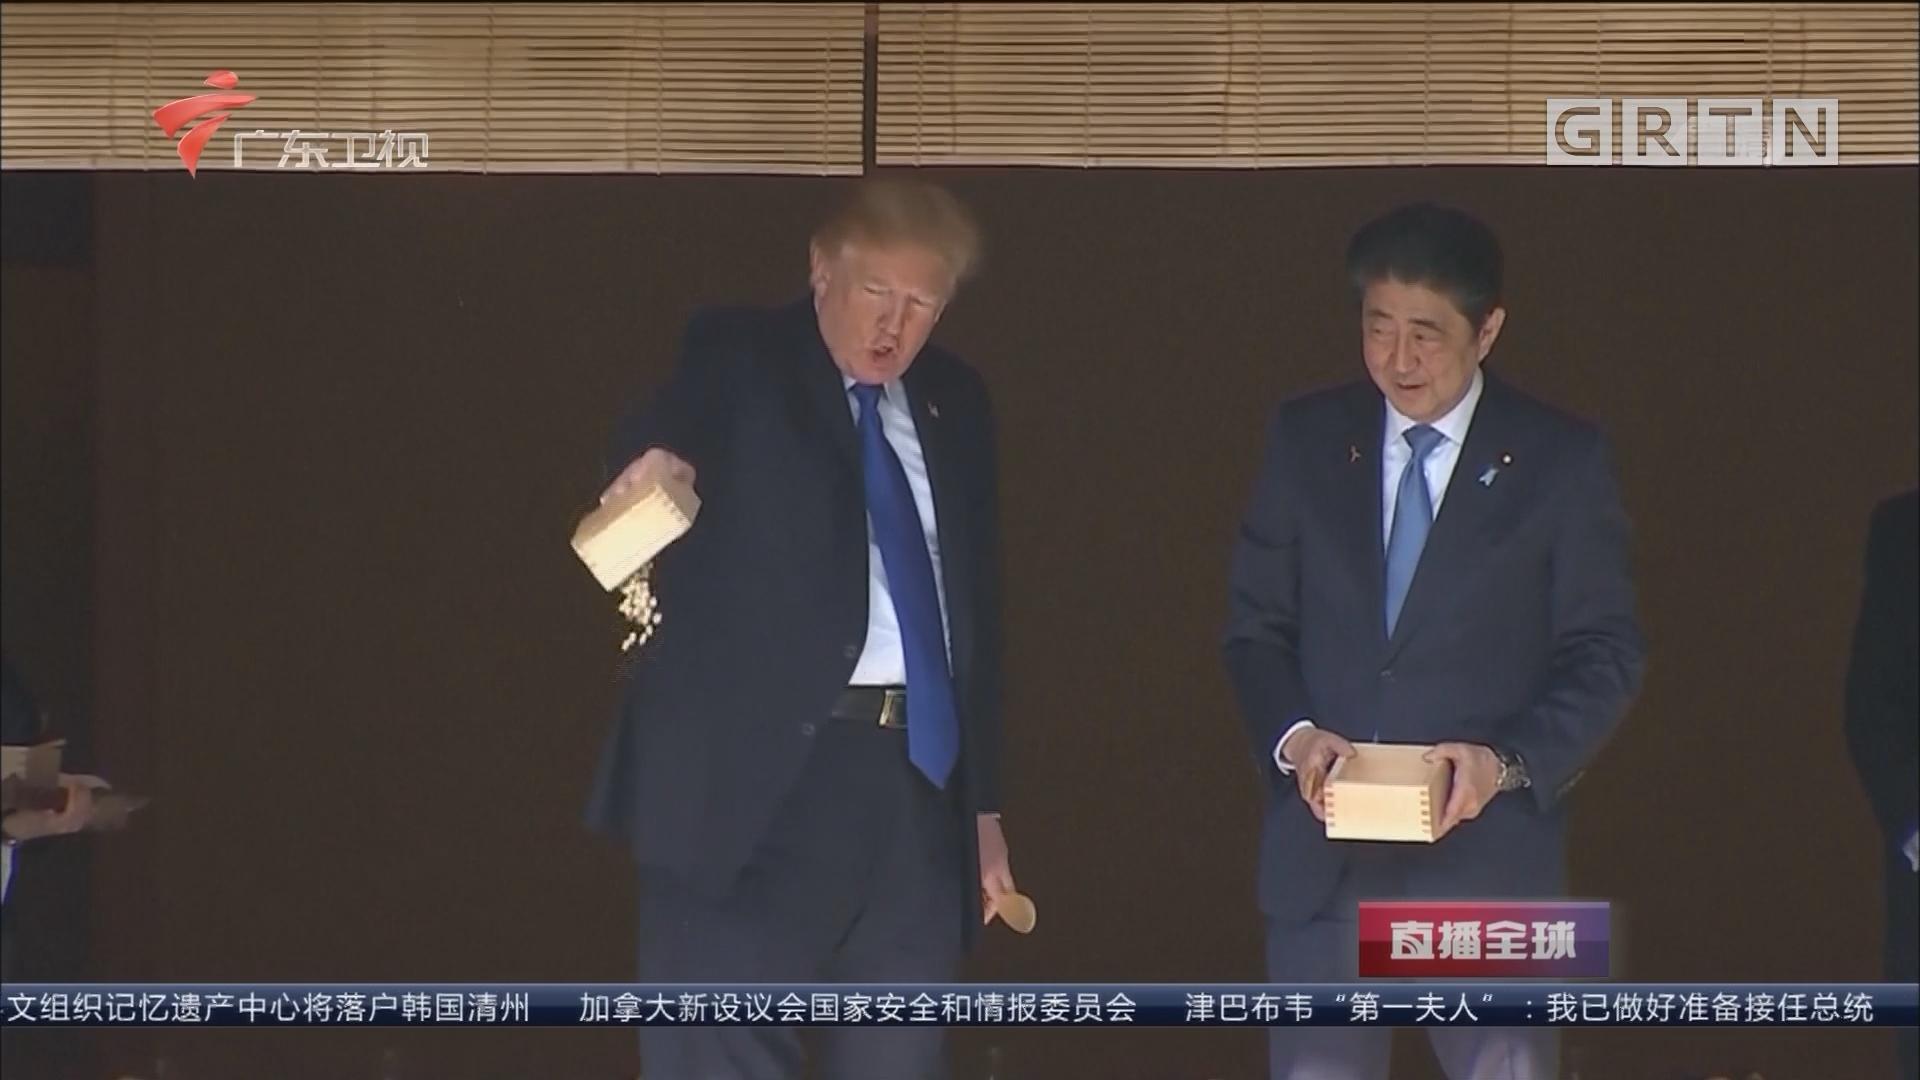 访日花絮:安倍负责搞笑? 特朗普不耐烦倒掉整盒鱼食? 真相是安倍先倒的!